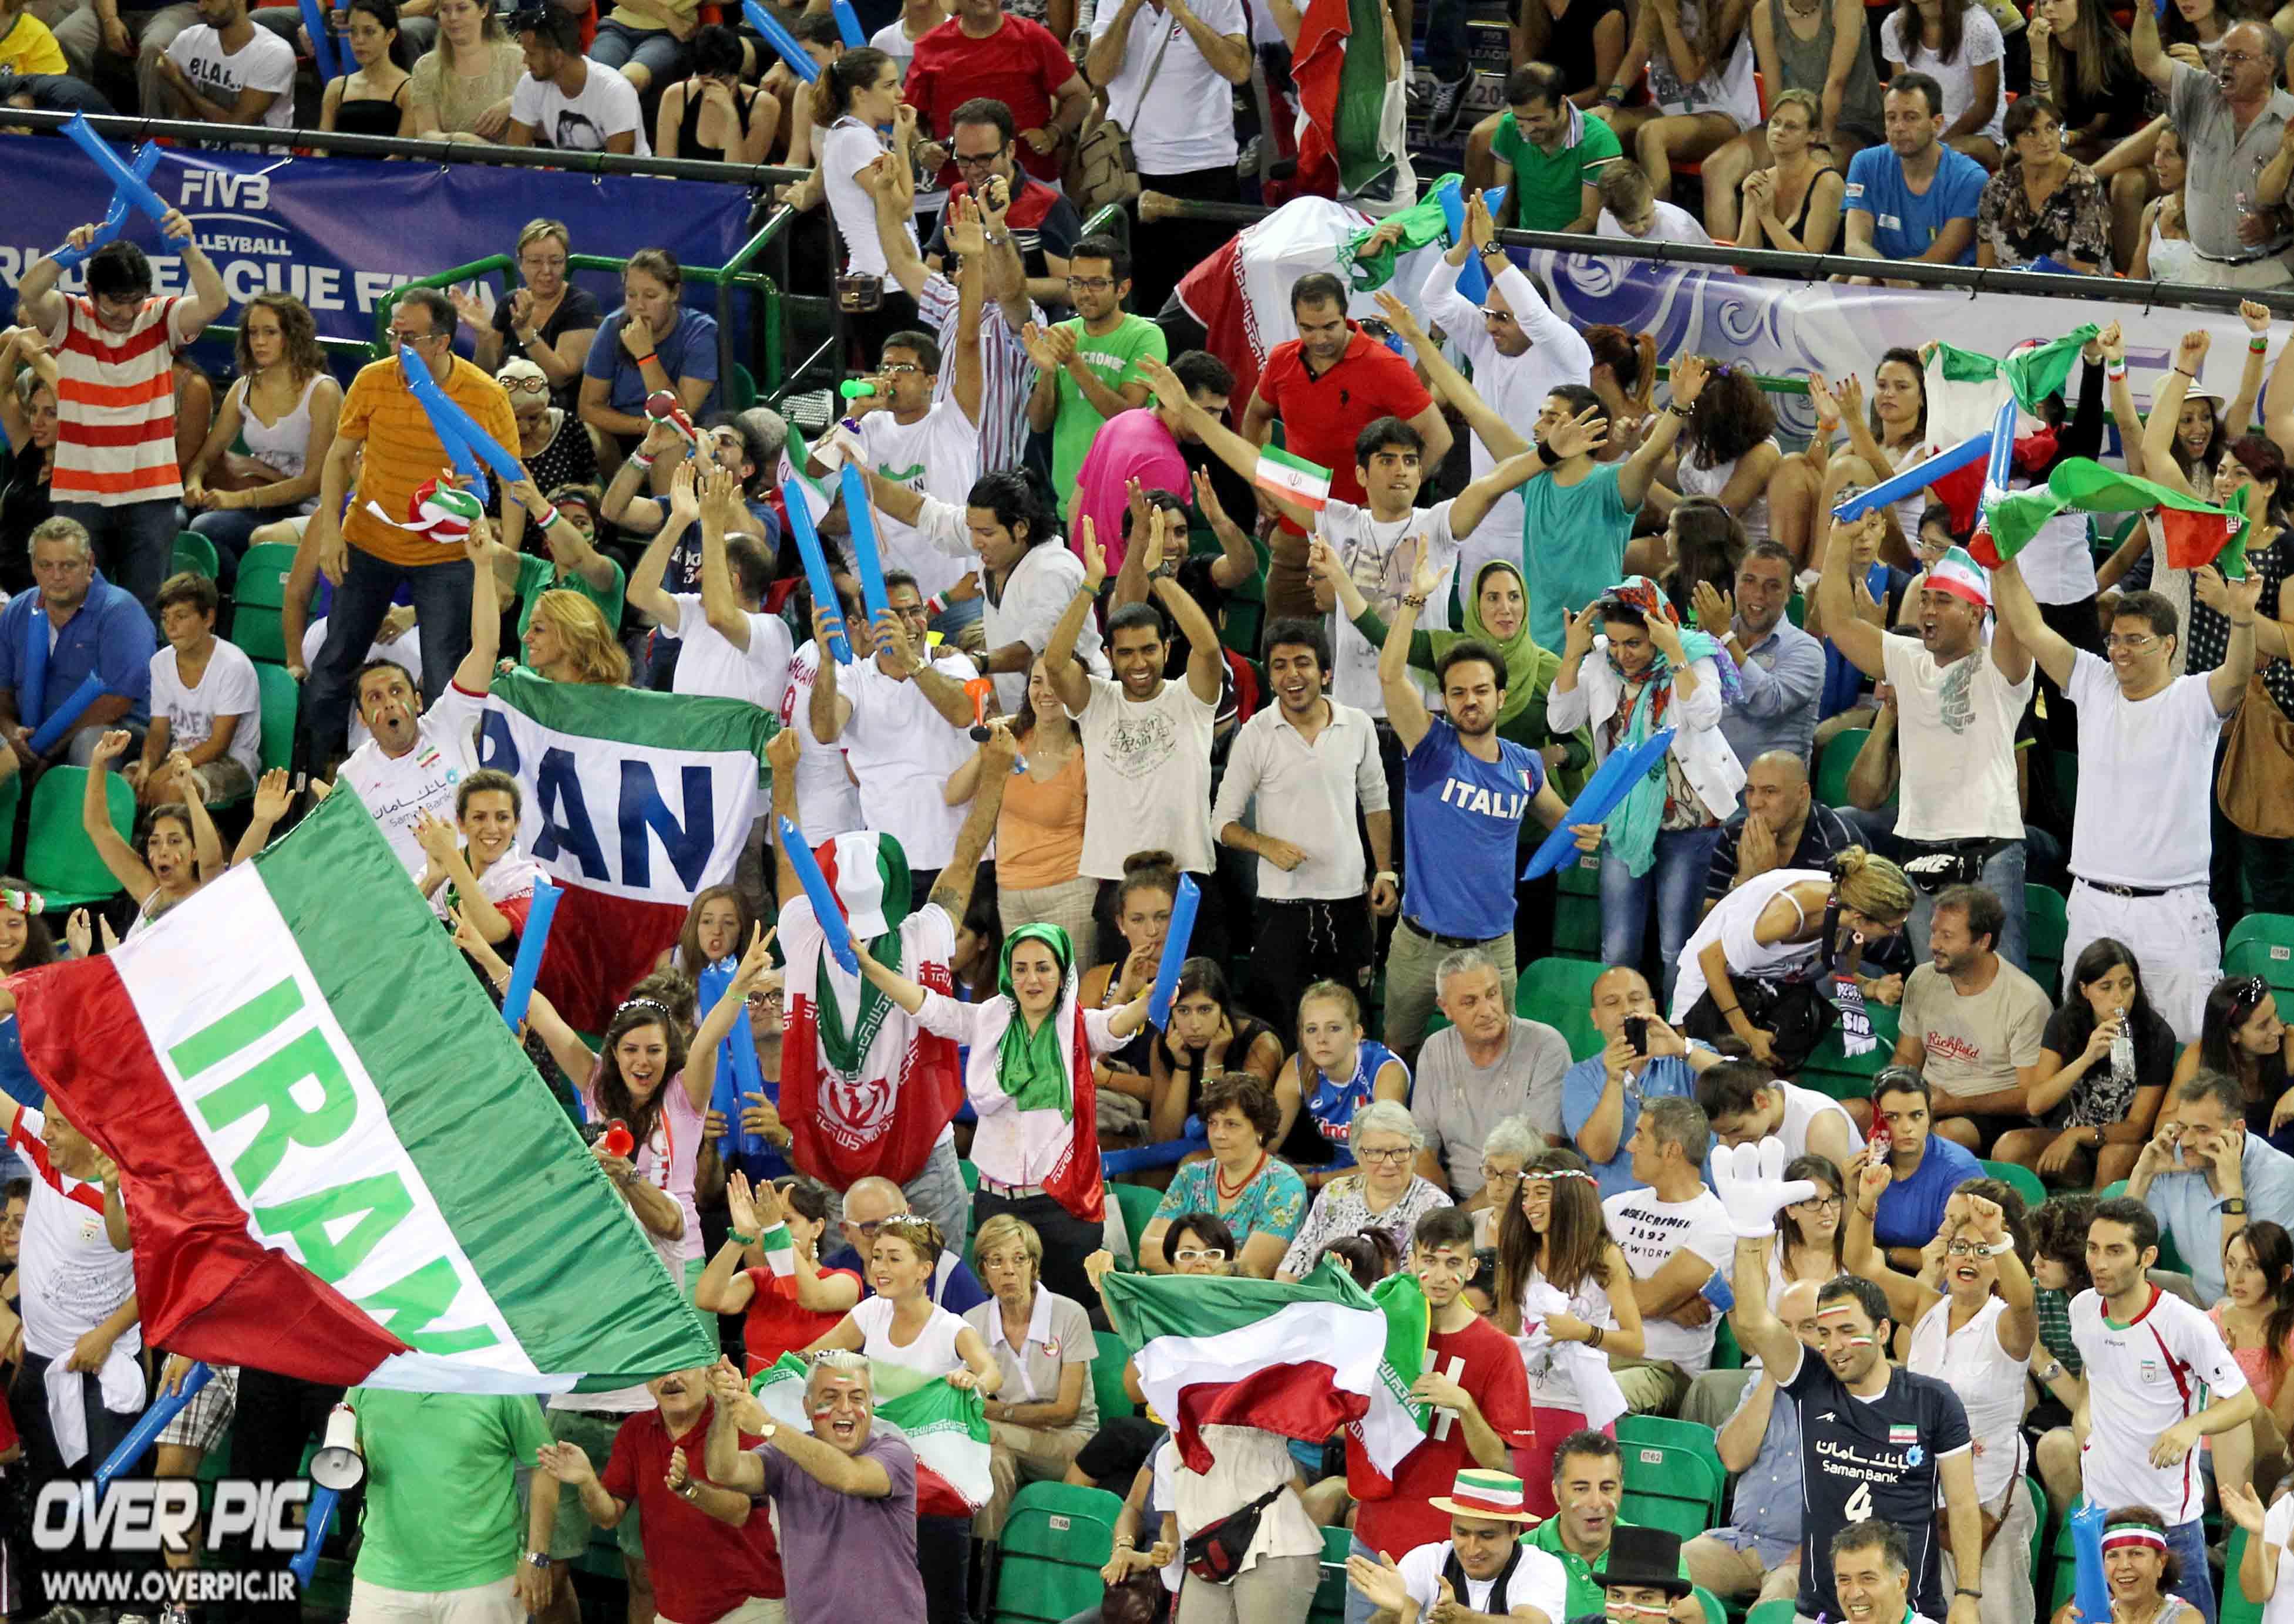 عکس های مسابقه ی ایران آمریکا در لیگ جهانی والیبال